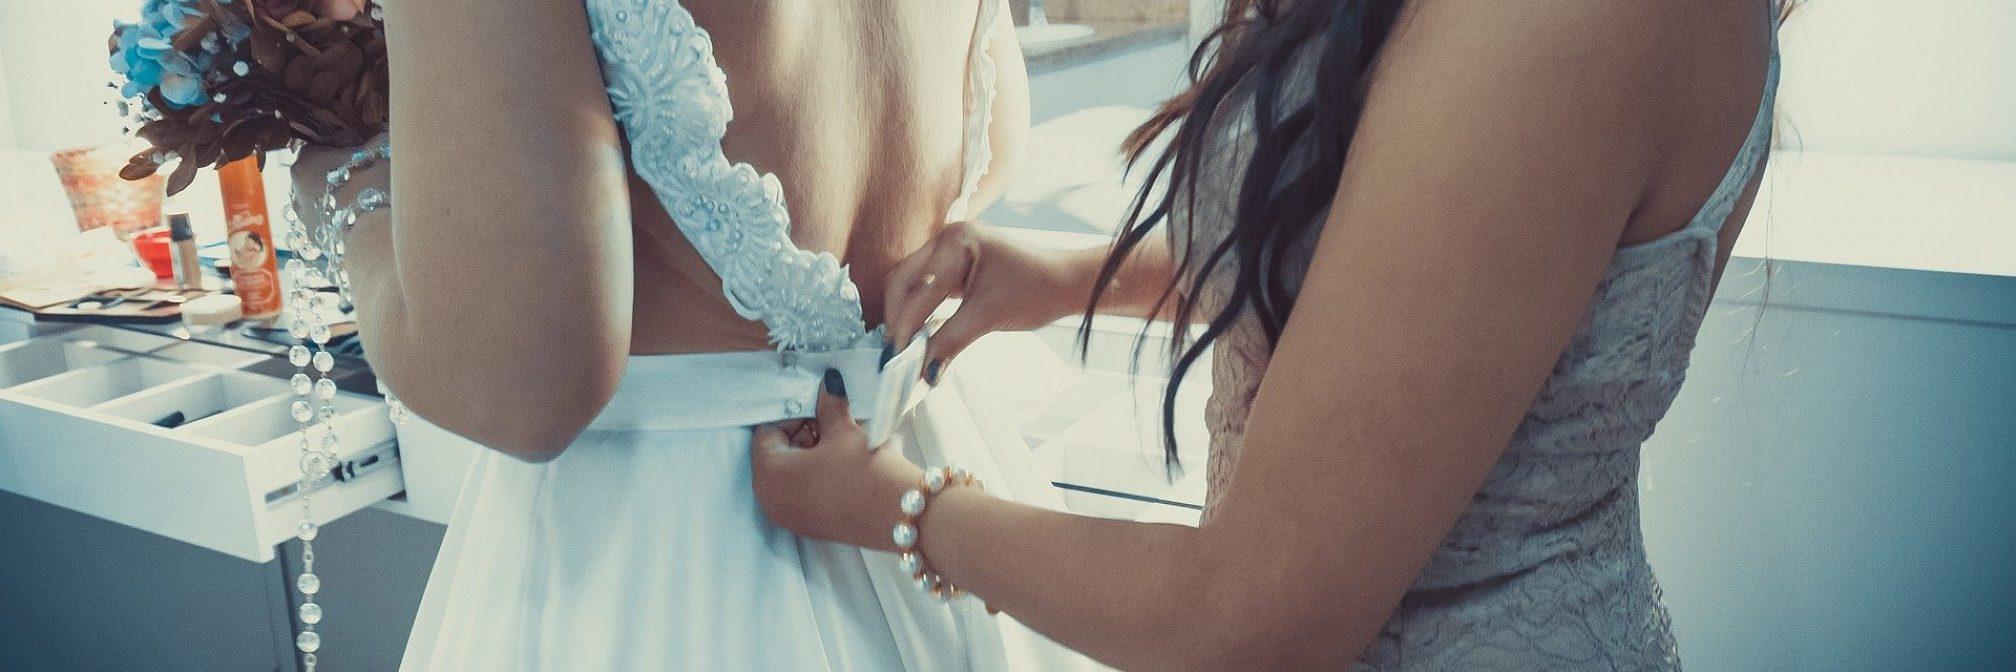 bride-4860029_1920(1)